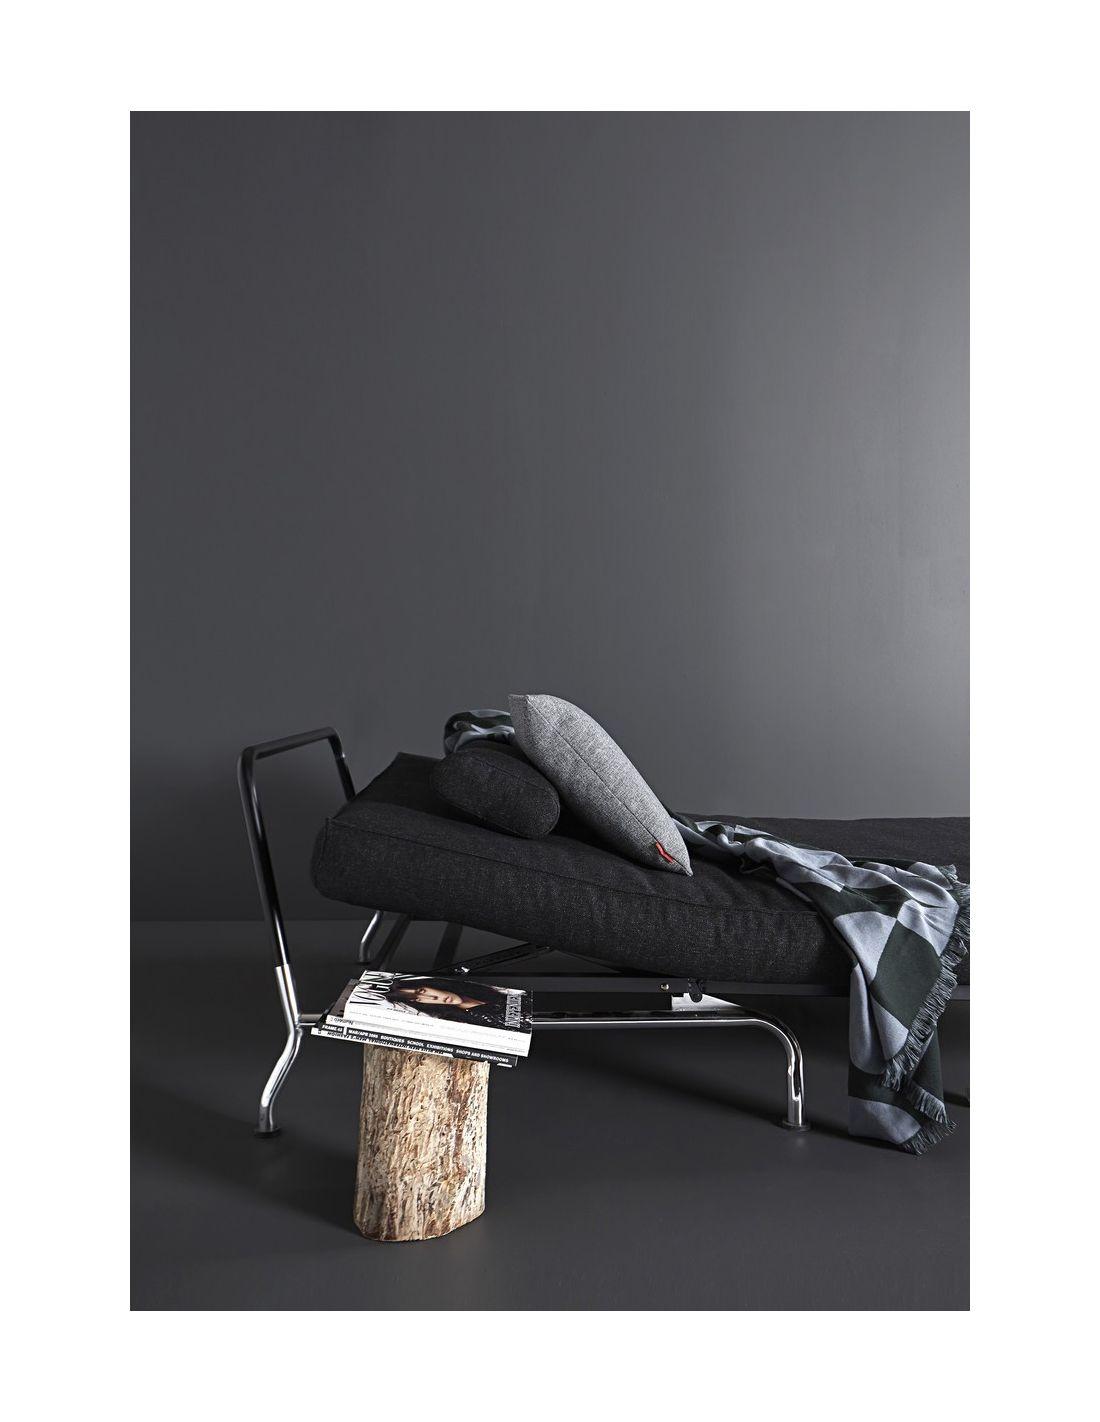 Skater divano letto matrimoniale sfoderabile uso quotidiano - Divano letto matrimoniale prezzo ...